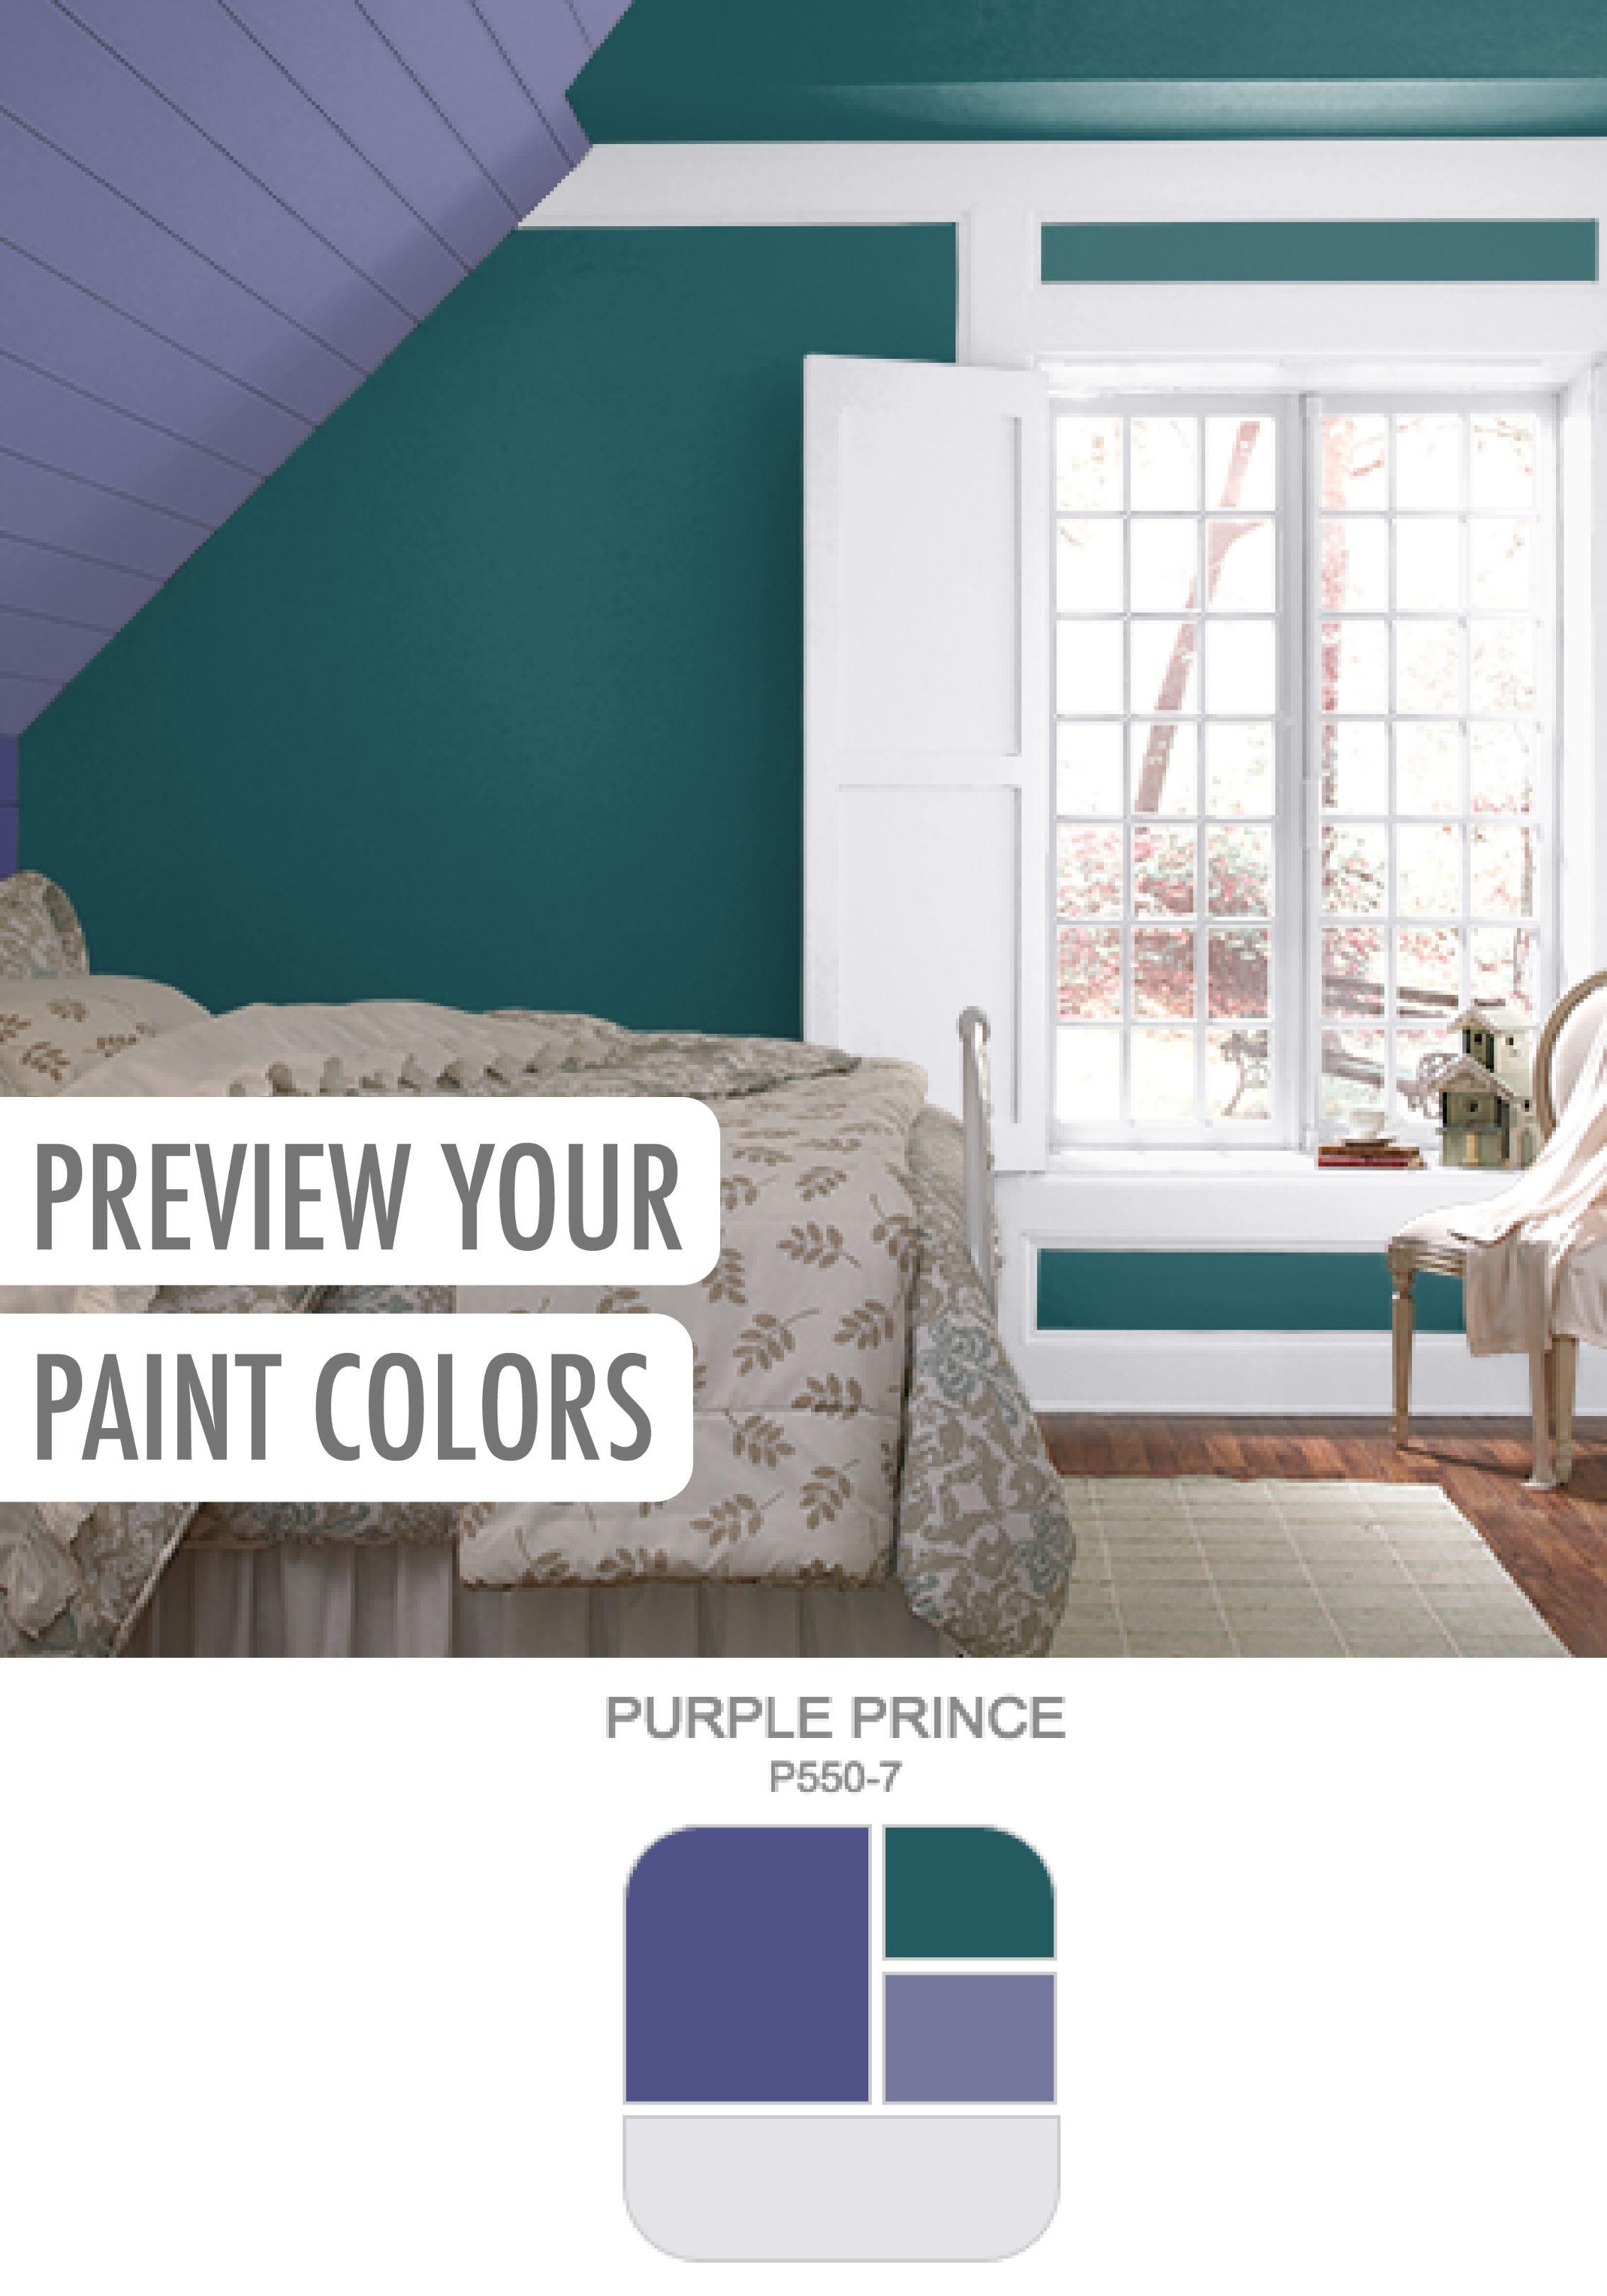 Paint Colors Colorsmart By Behr Paint Your Place Behr Paint Bedroom Paint Color Inspiration Paint Color Chart Paint Color Visualizer